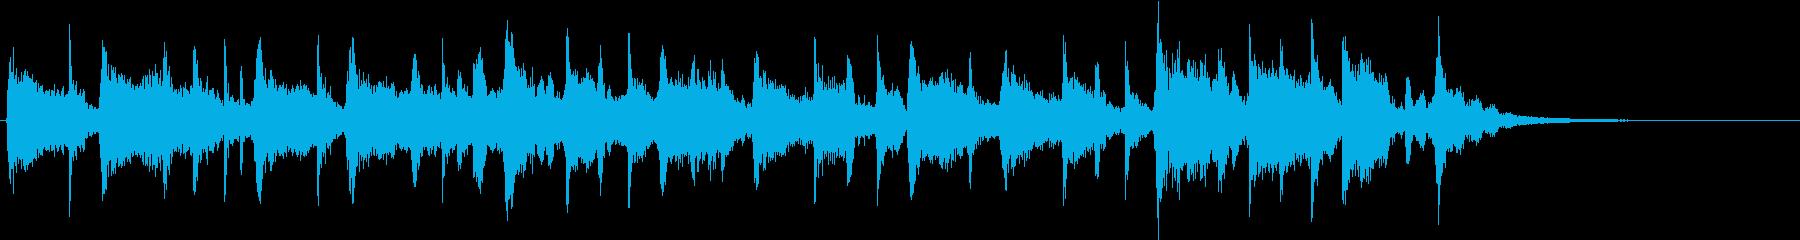 ロック調のカッコイイジングルの再生済みの波形